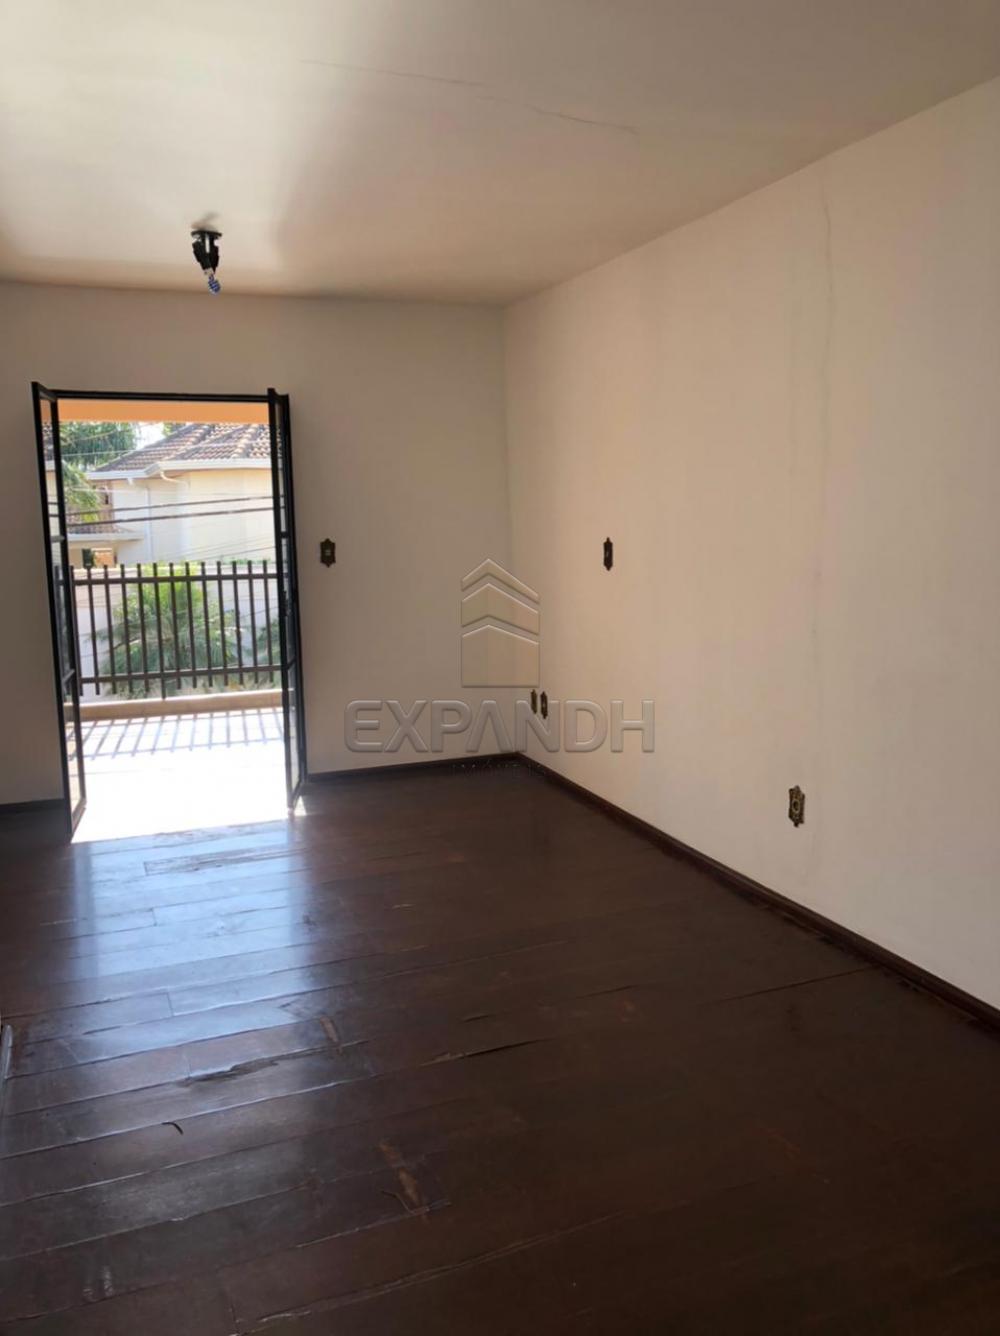 Alugar Casas / Padrão em Sertãozinho R$ 1.000,00 - Foto 15